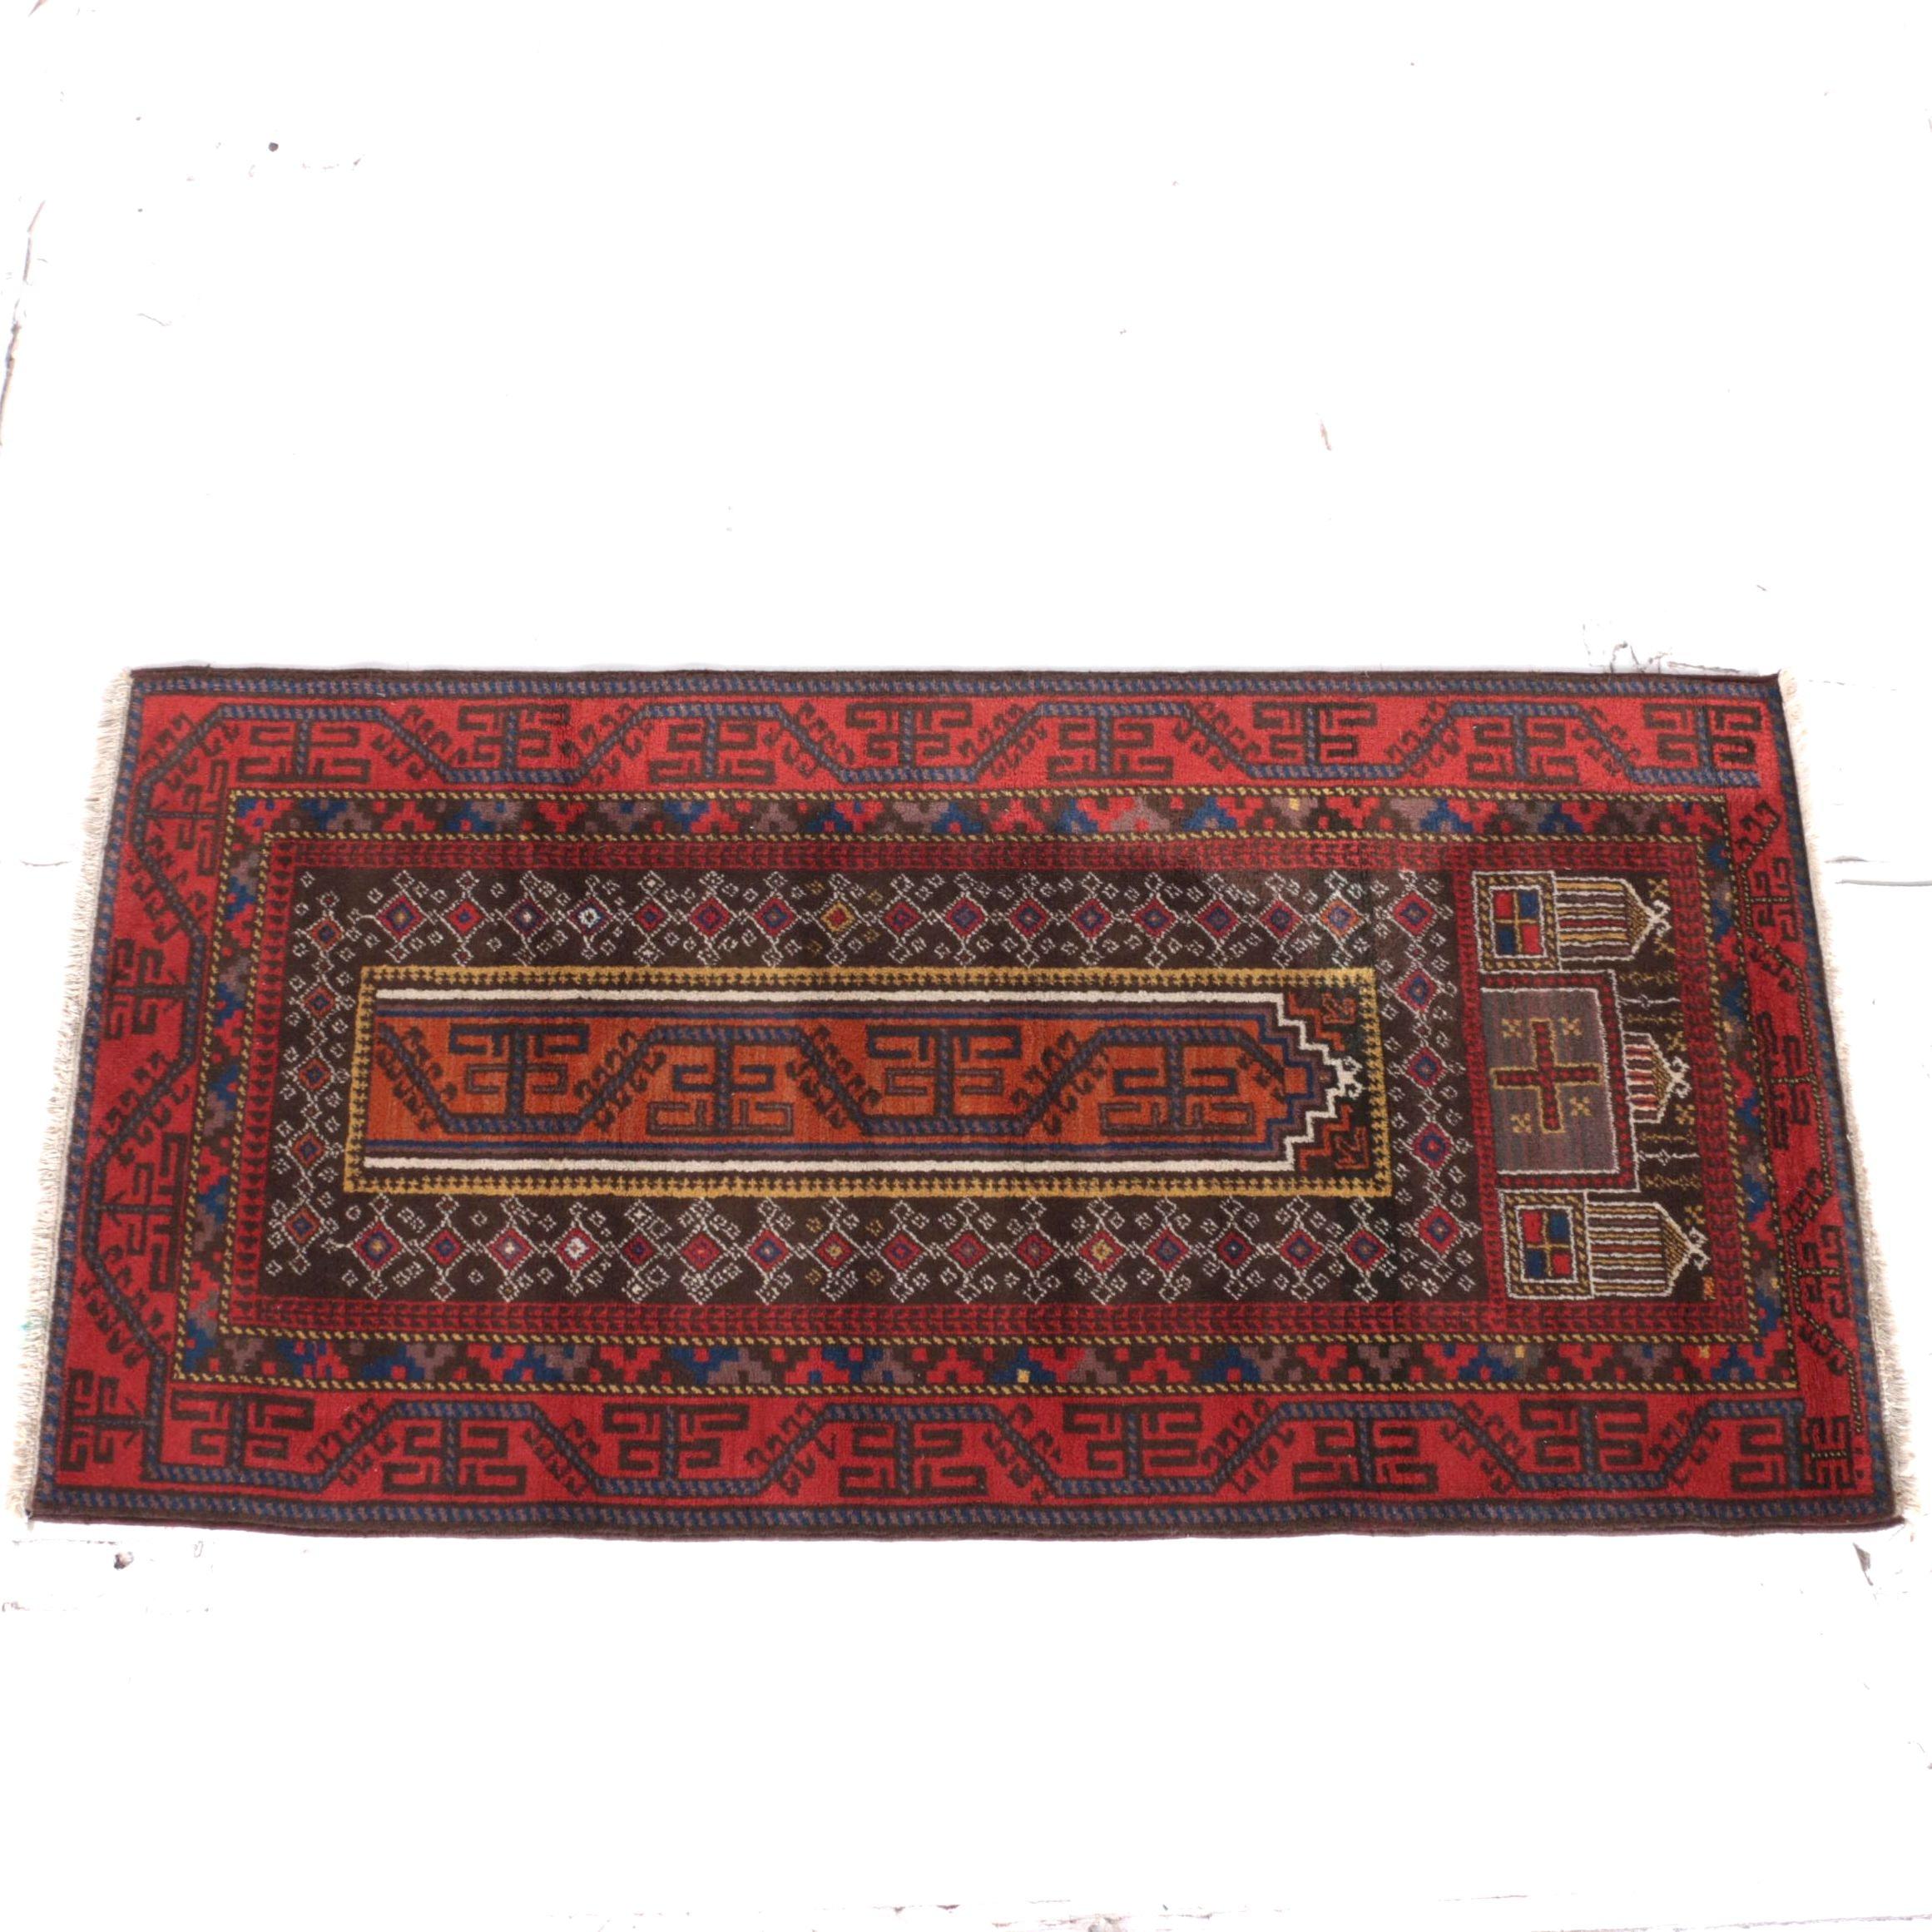 Power Loomed Baluch or Yomut Prayer Rug